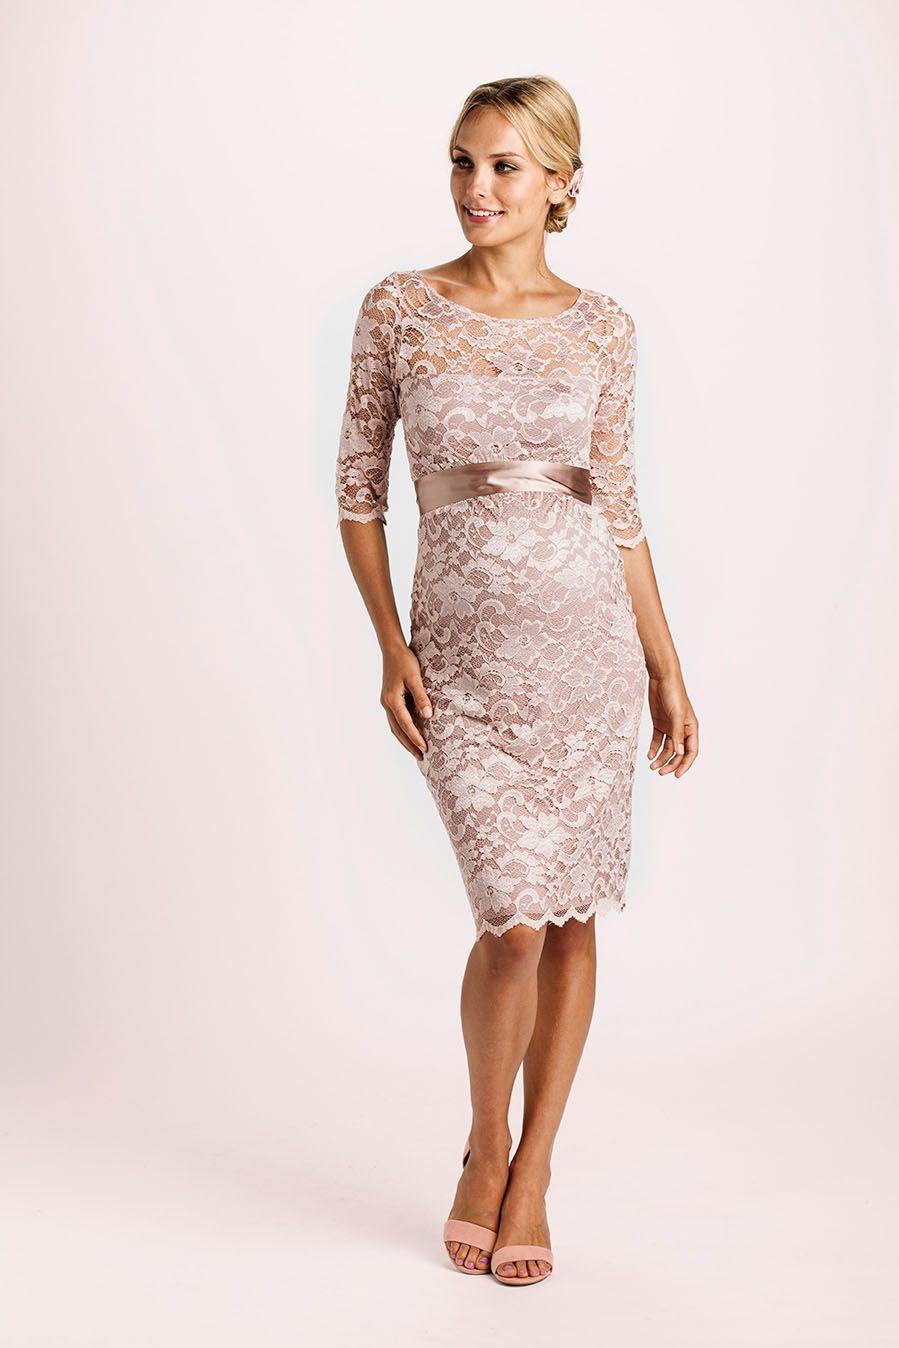 Spitzen Umstandskleid mit Schärpe rosé   Schöne kleider ...